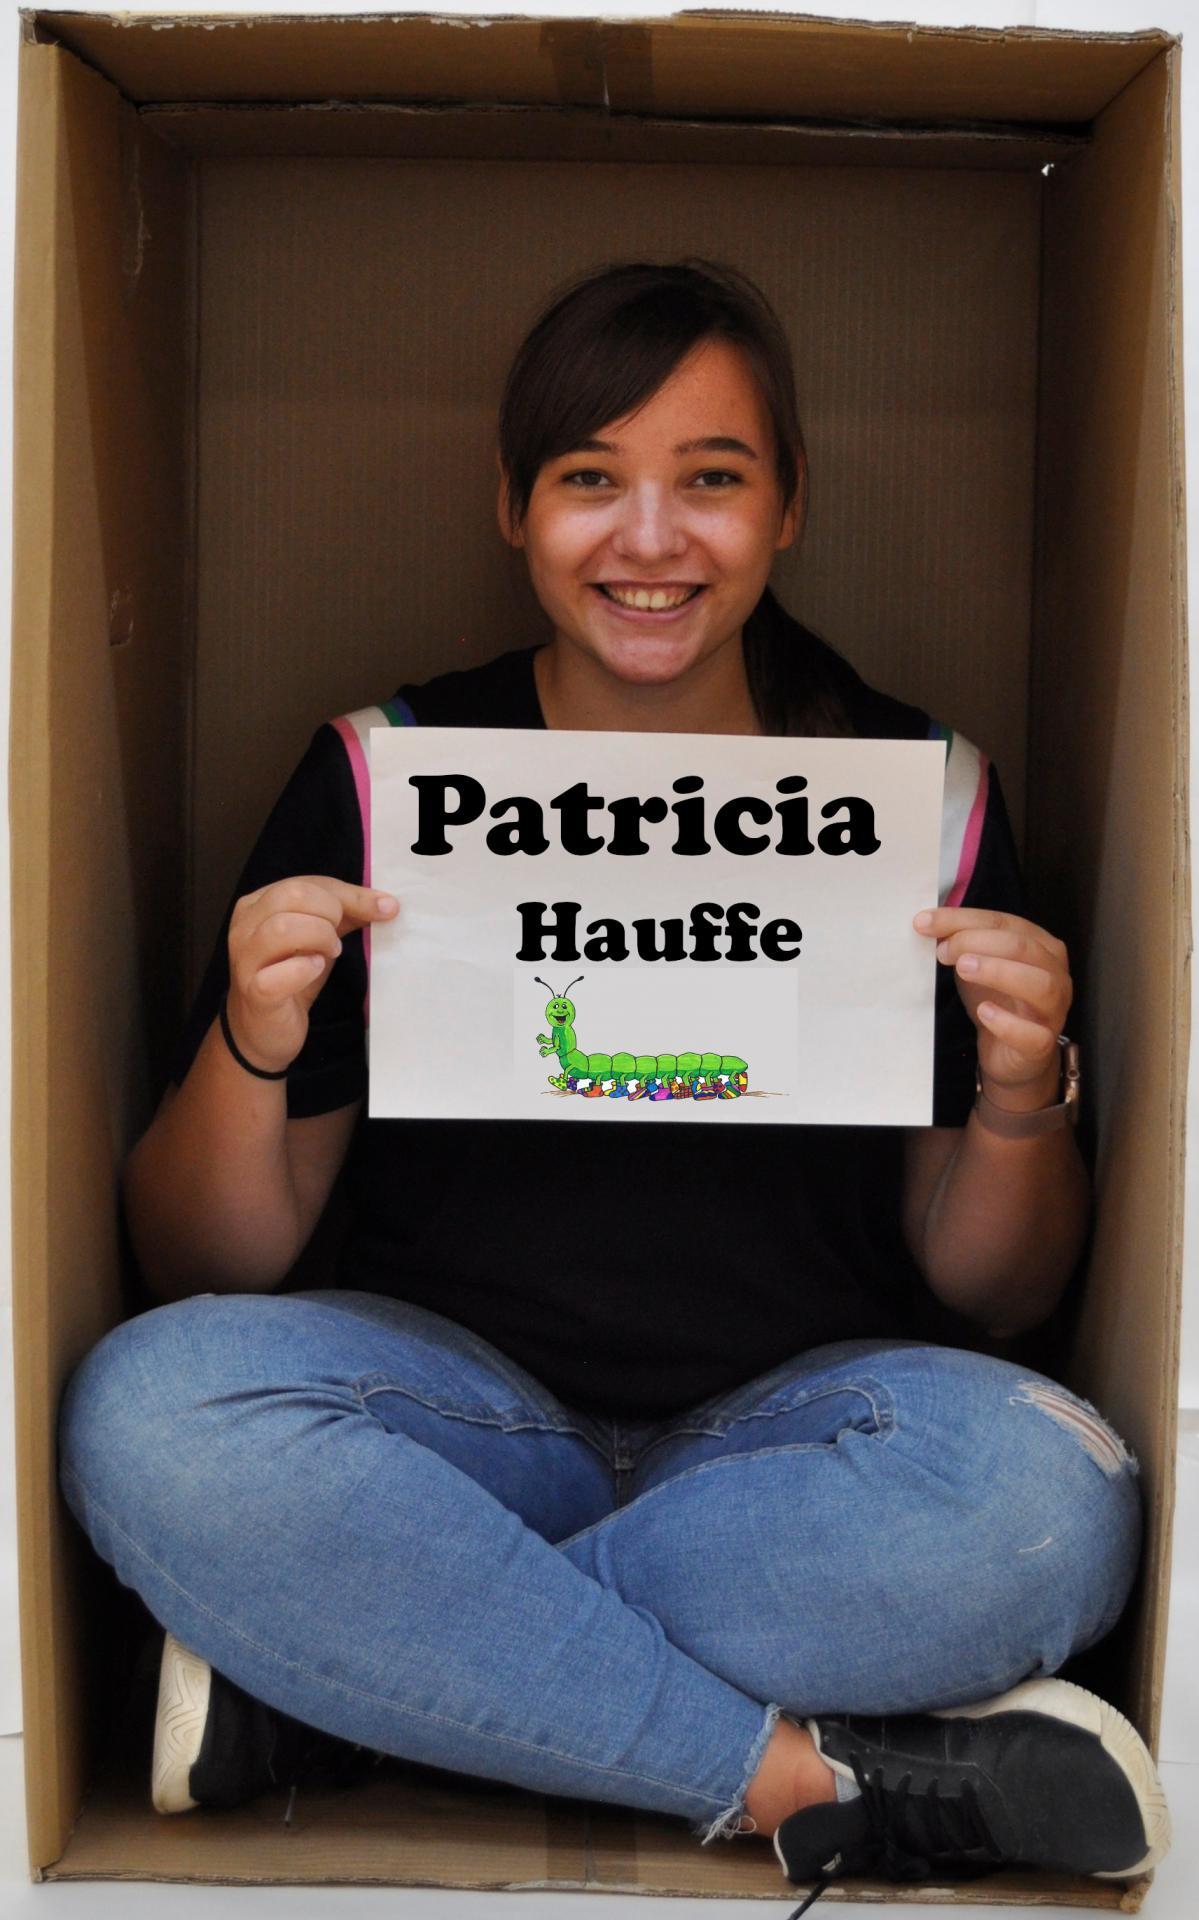 Patricia Hauffe